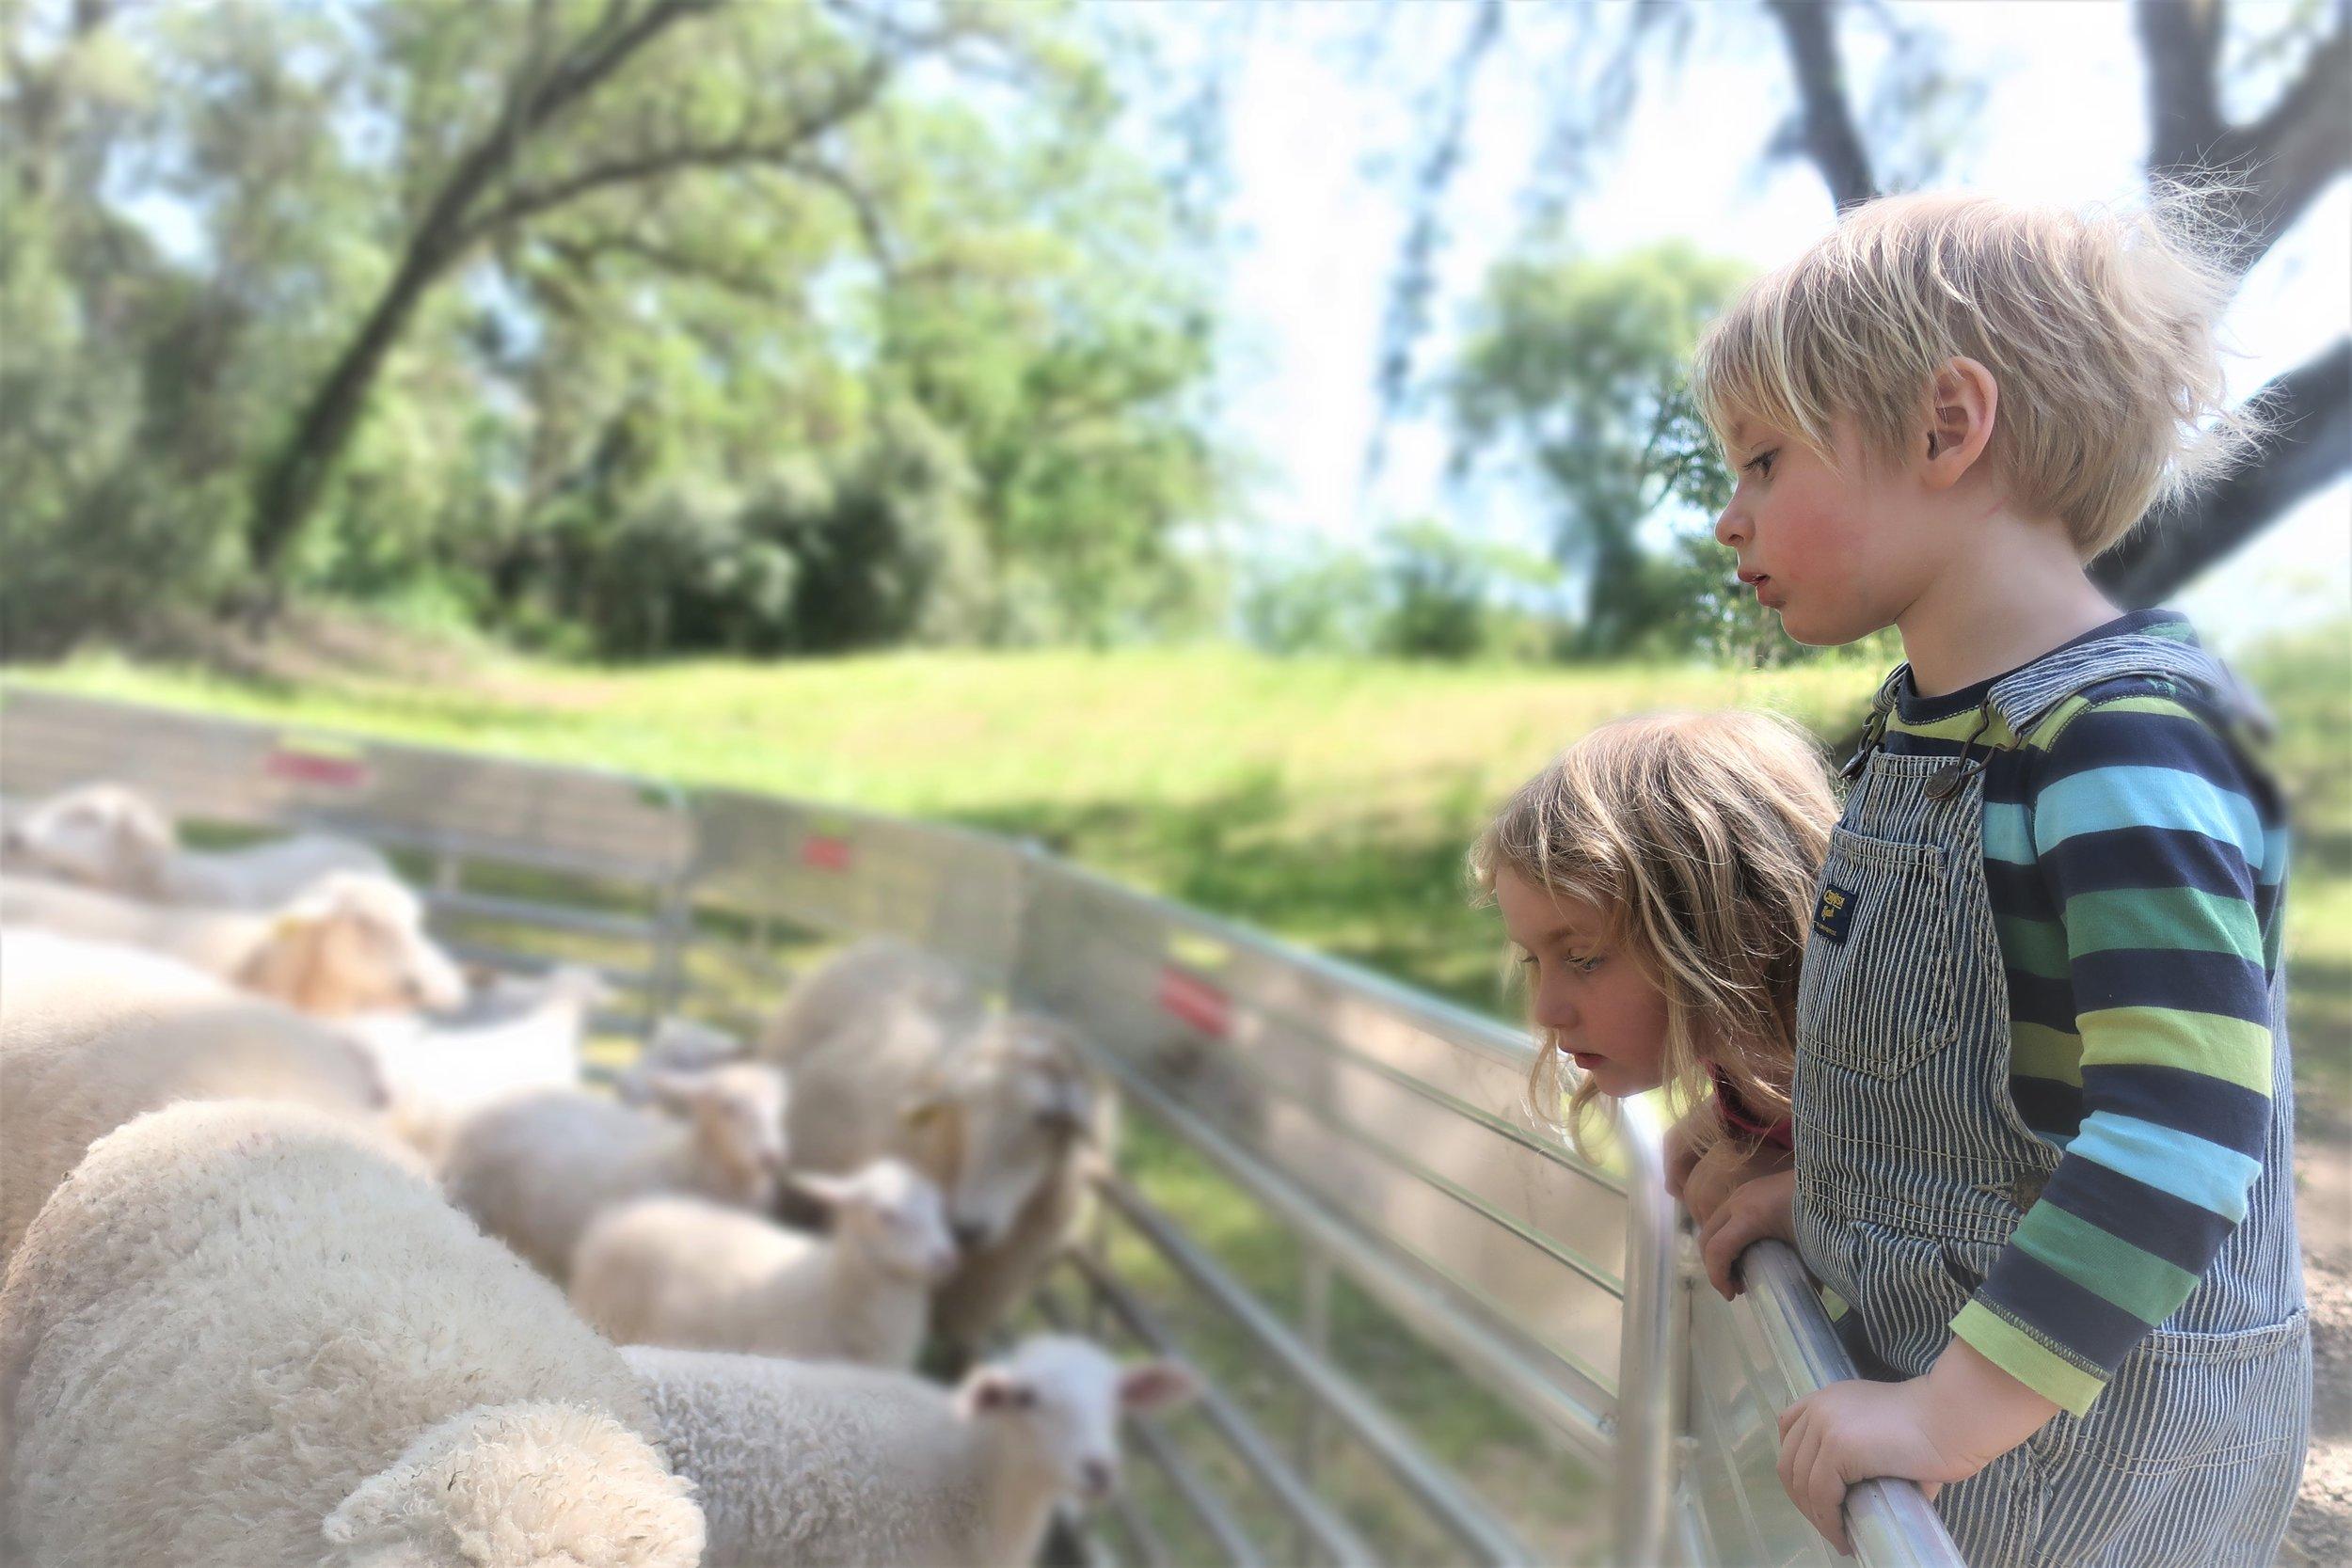 June and Walter looking at the sheep during shearing 2019.jpg